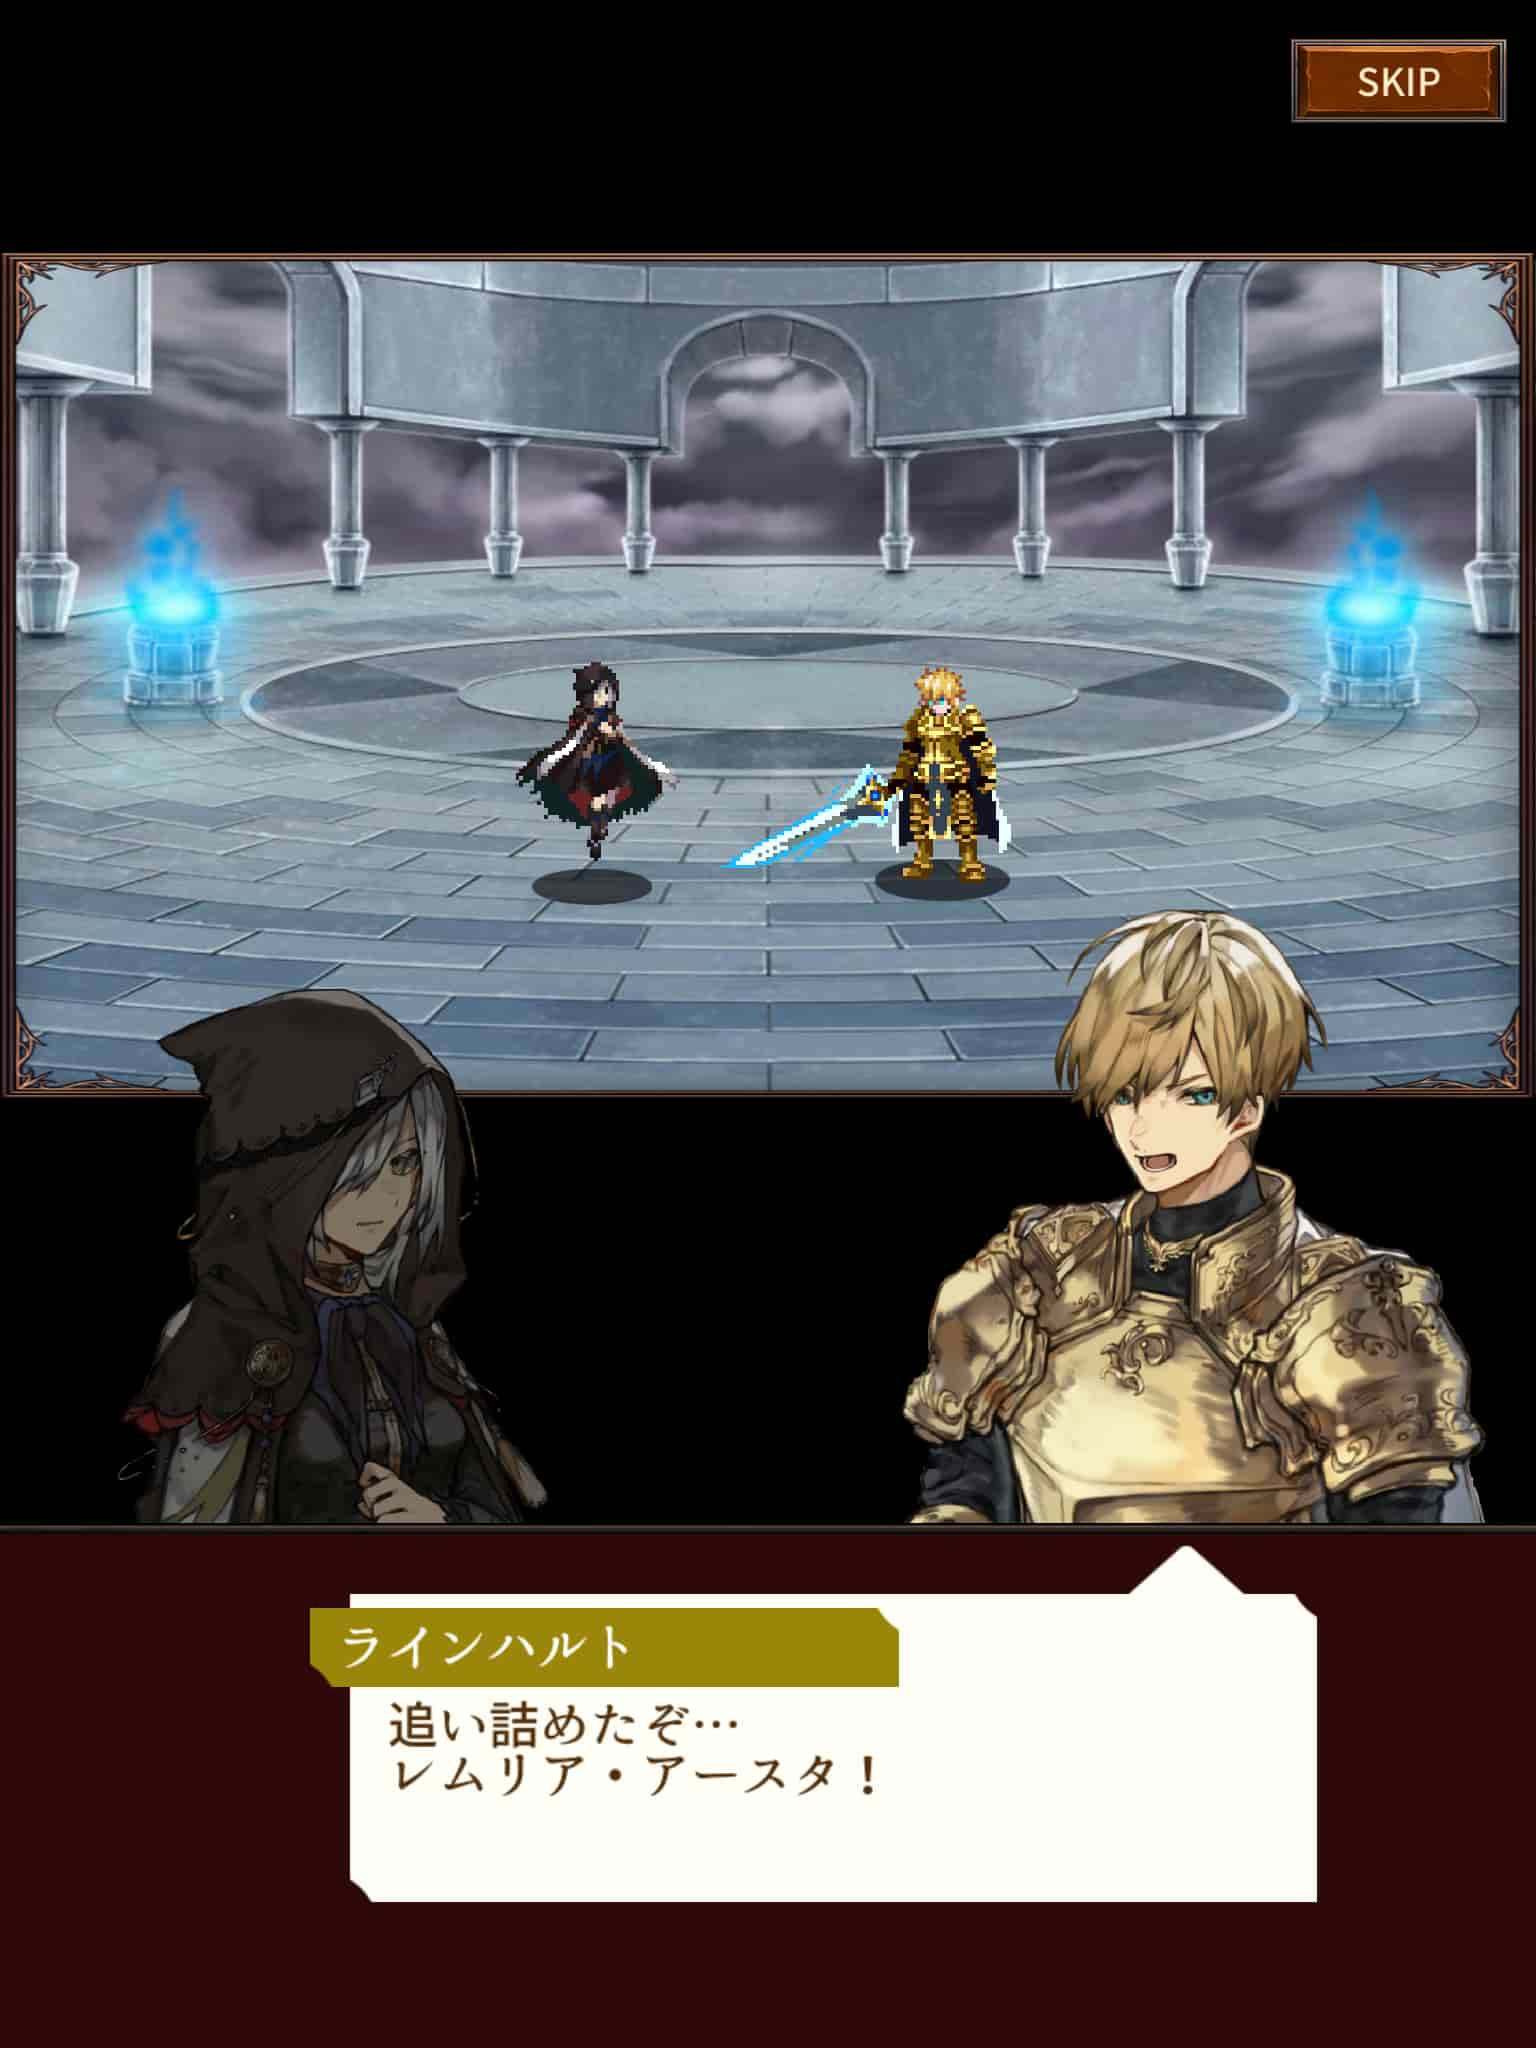 1日クリアOK! 魔女と騎士の切ない王道ファンタジー